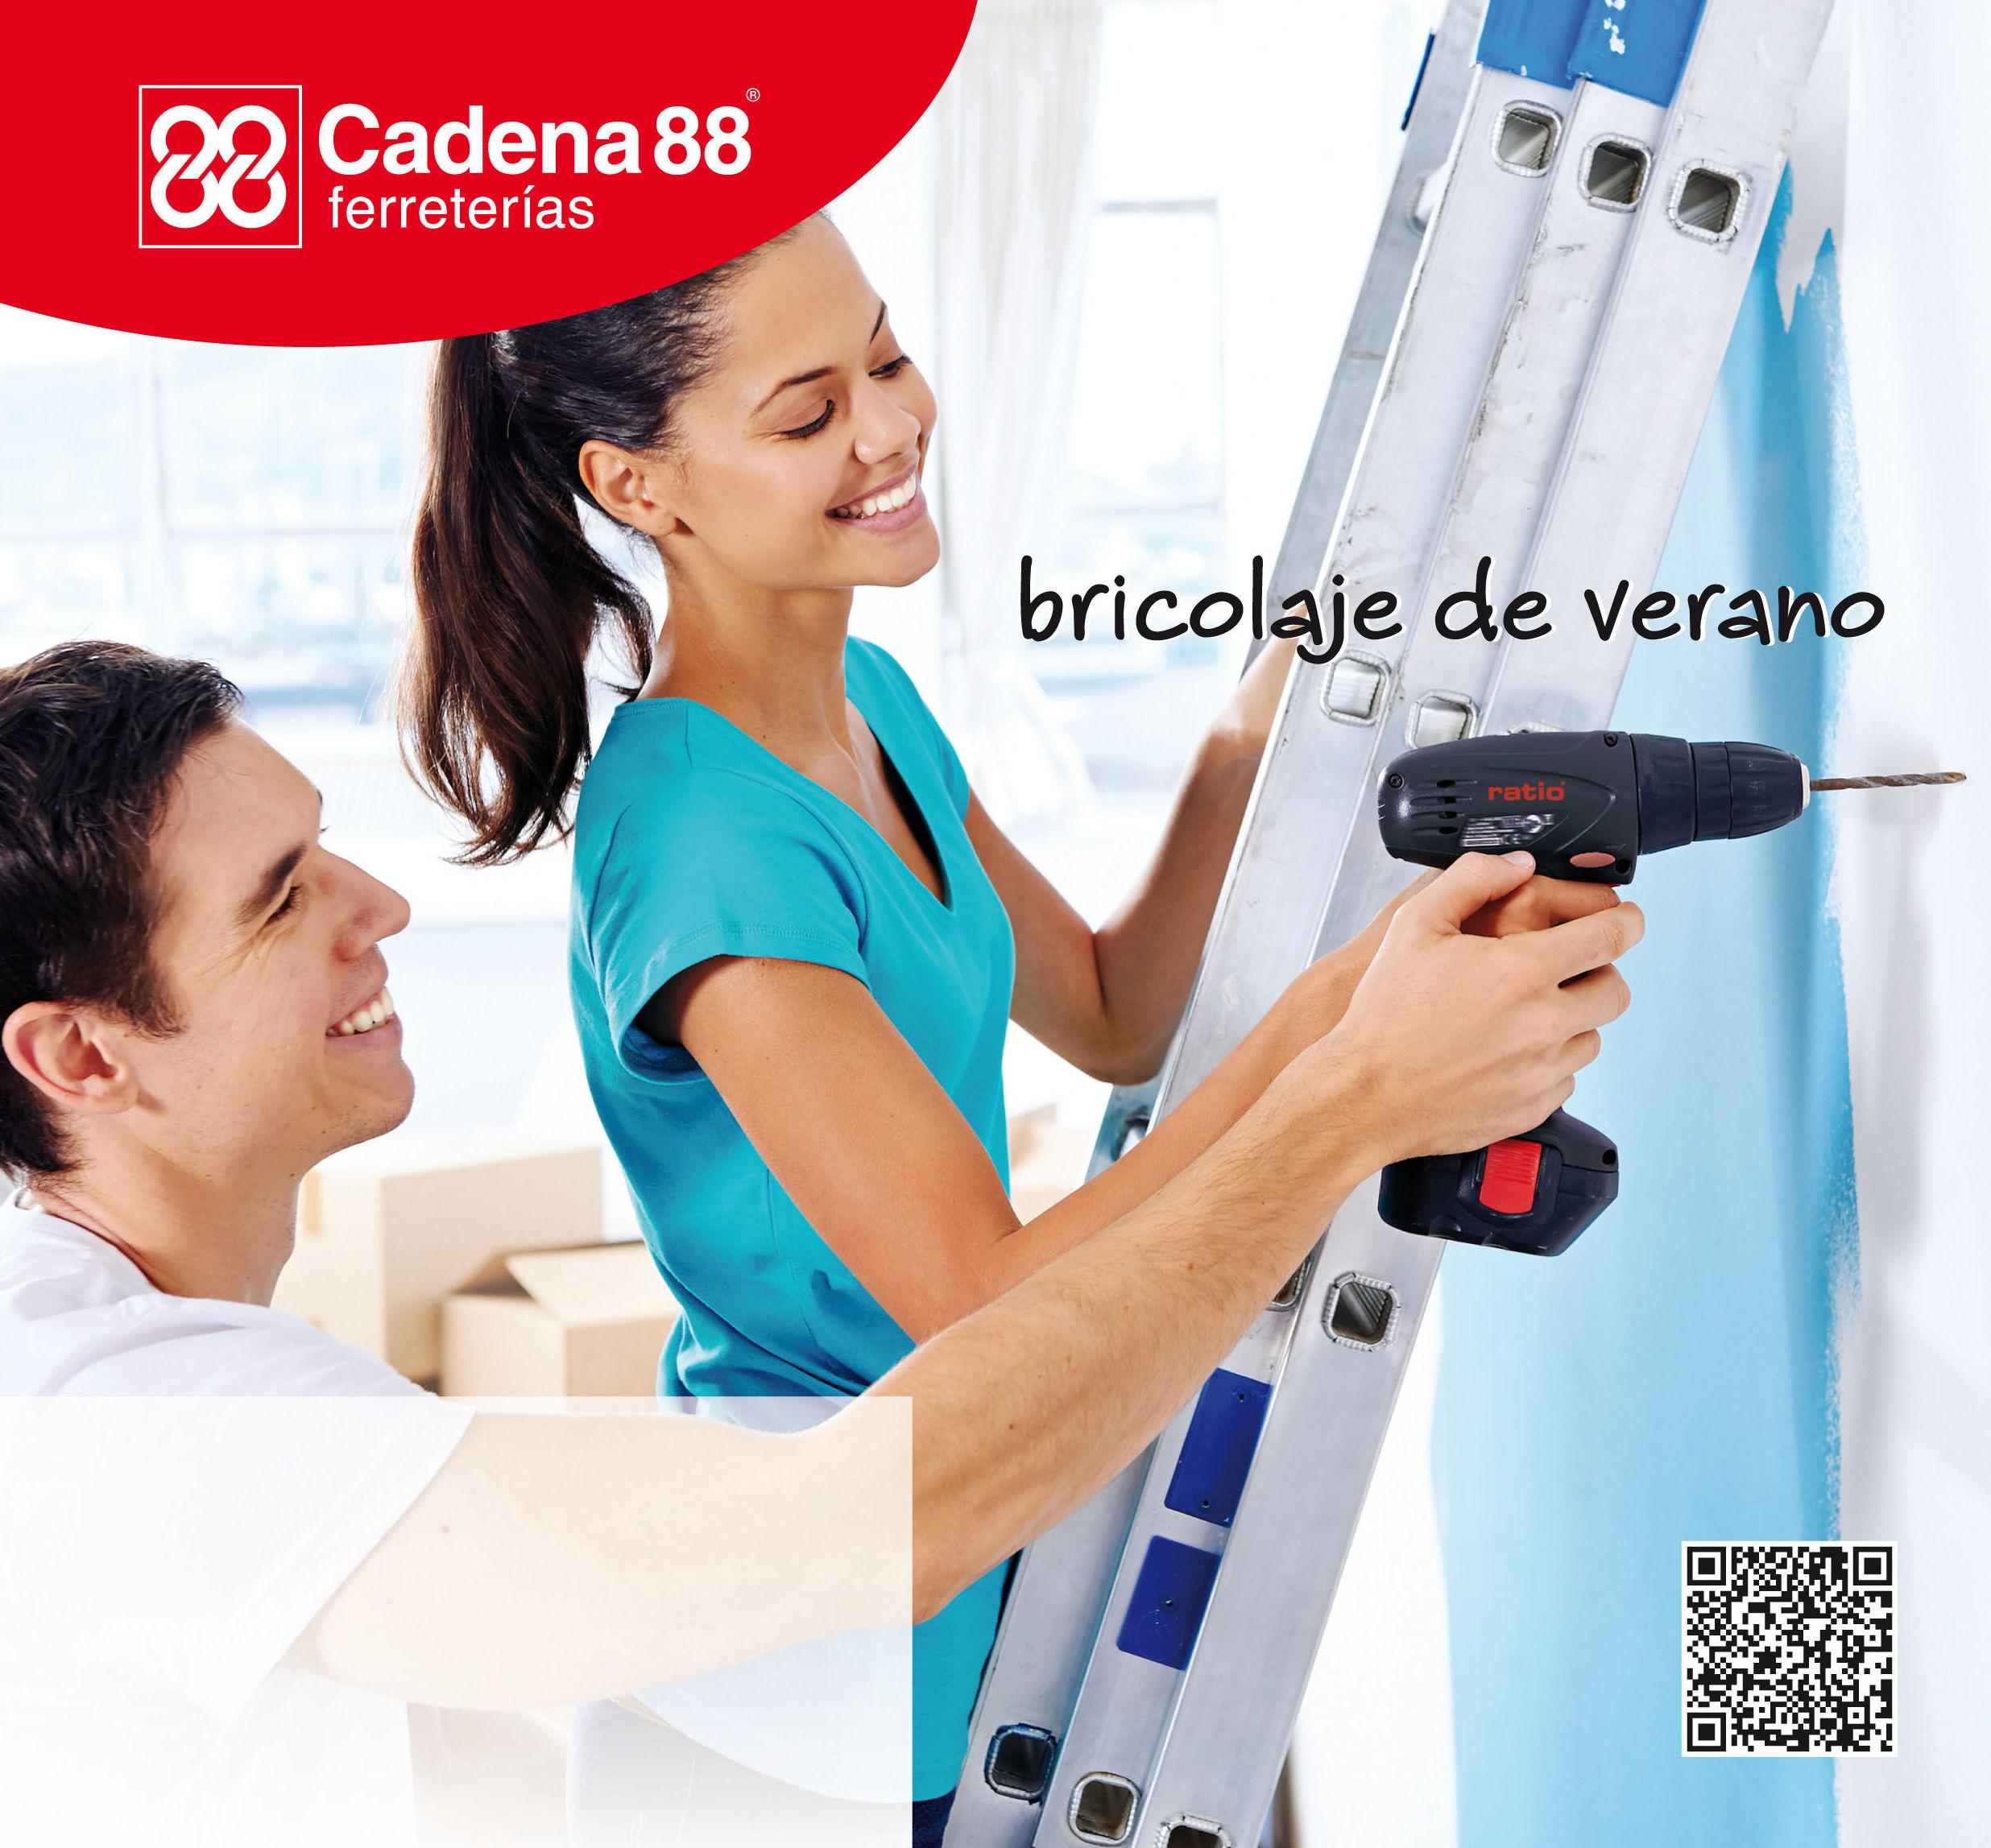 CATÁLOGO DE VERANO 2015 CADENA 88